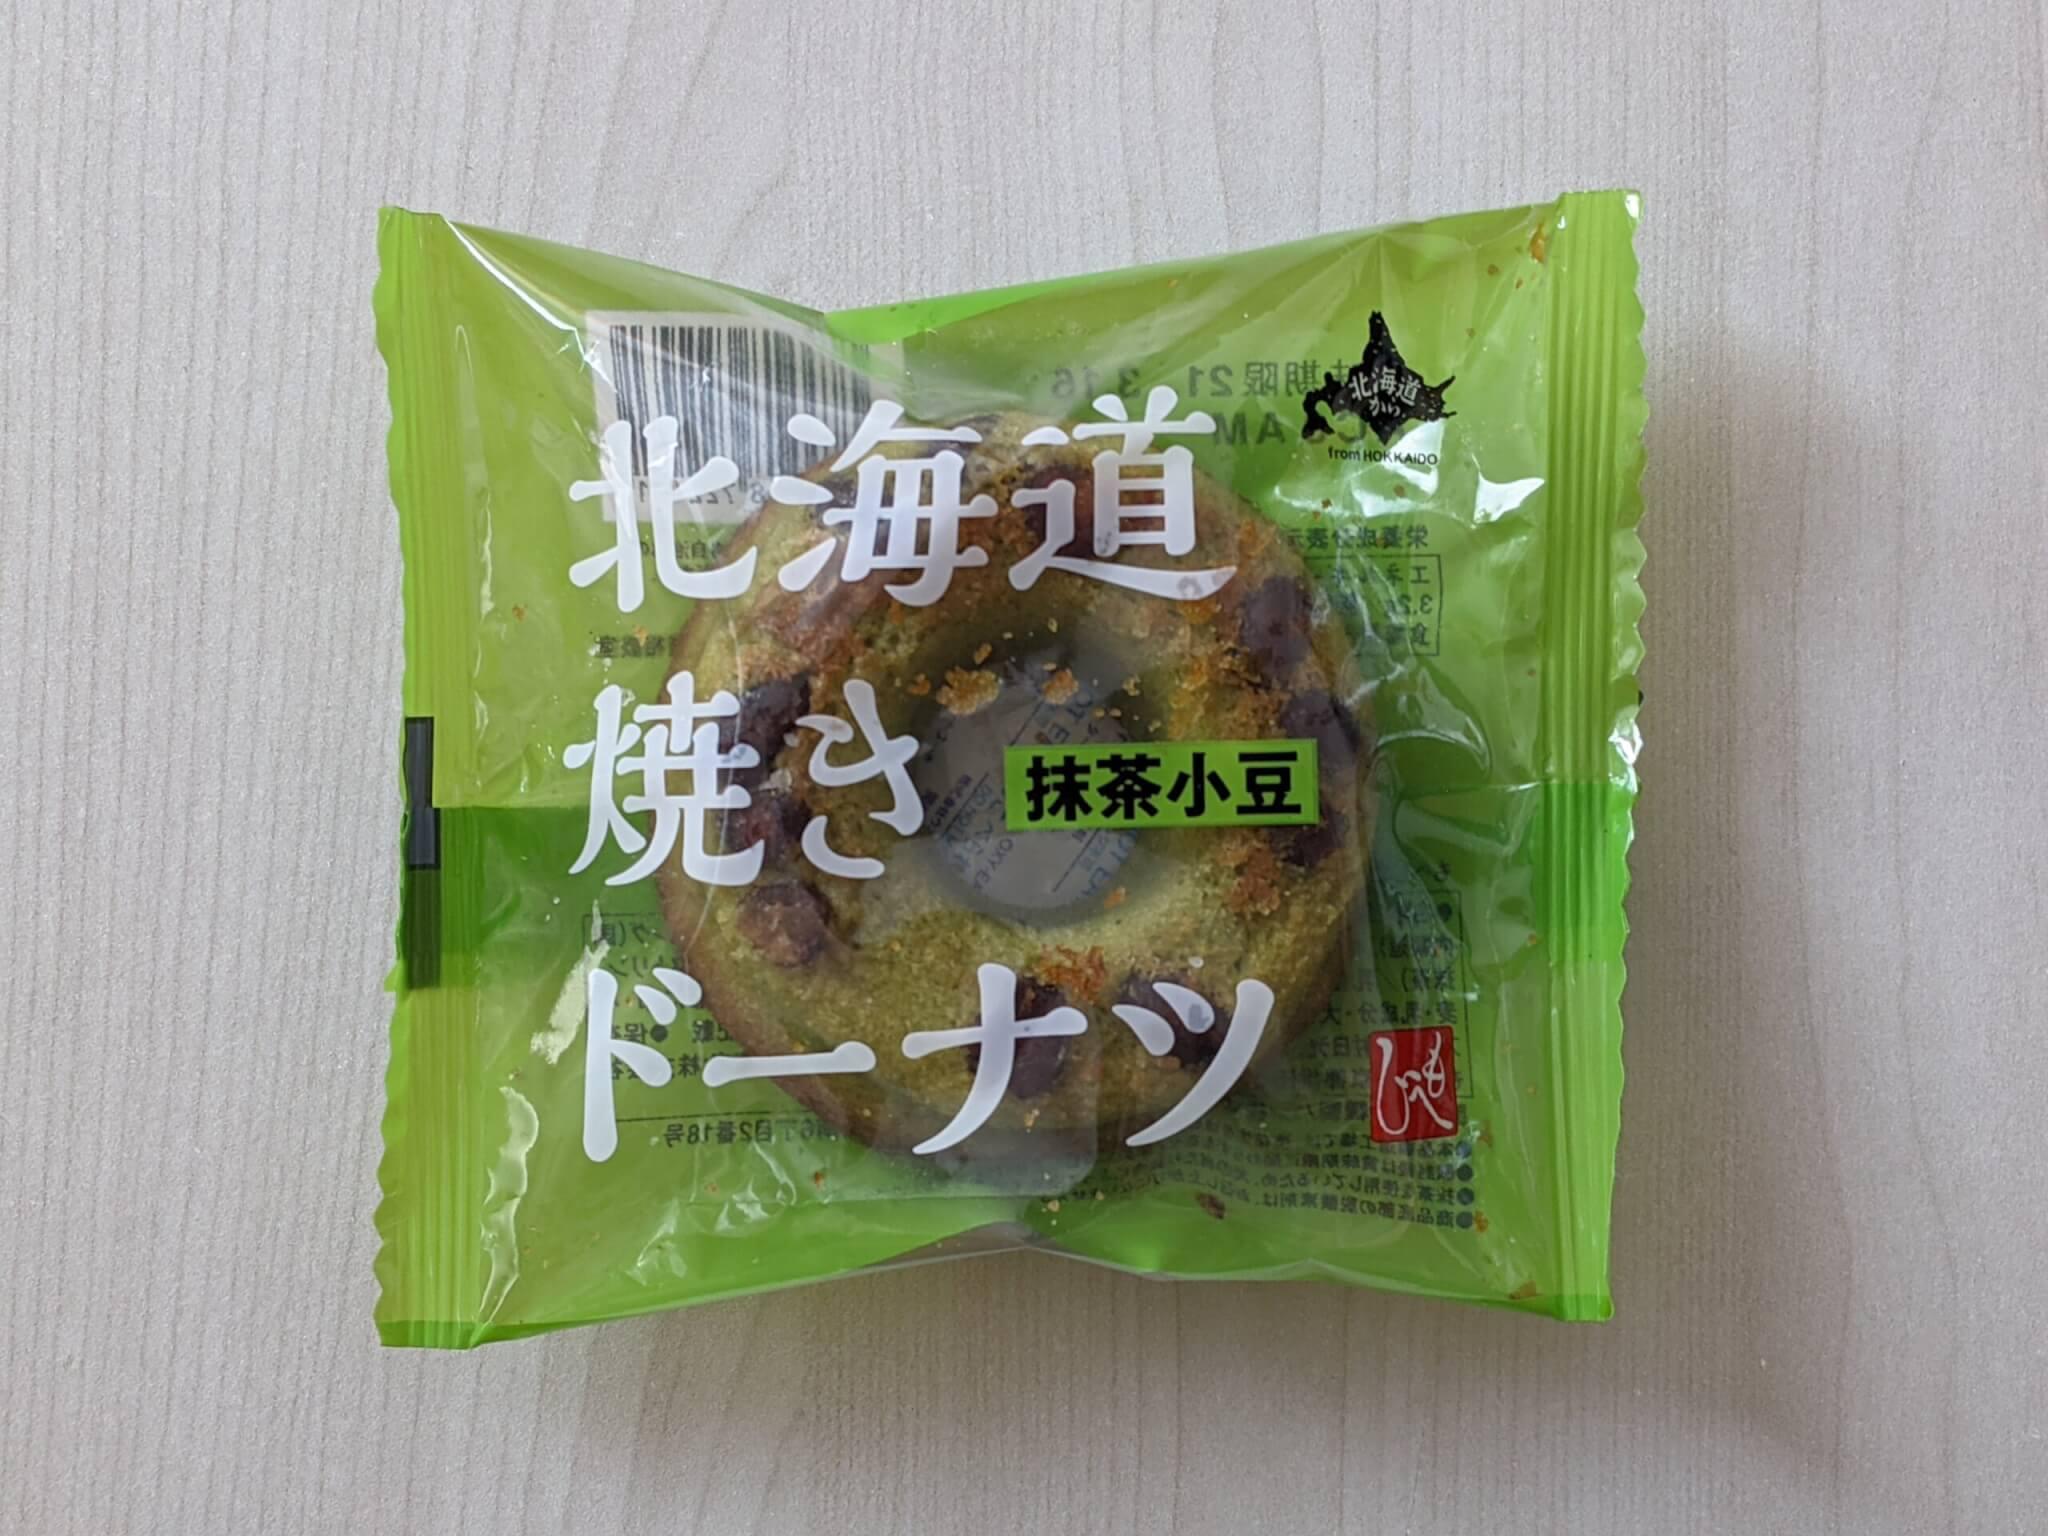 カルディ もへじ 北海道焼きドーナツ 抹茶小豆